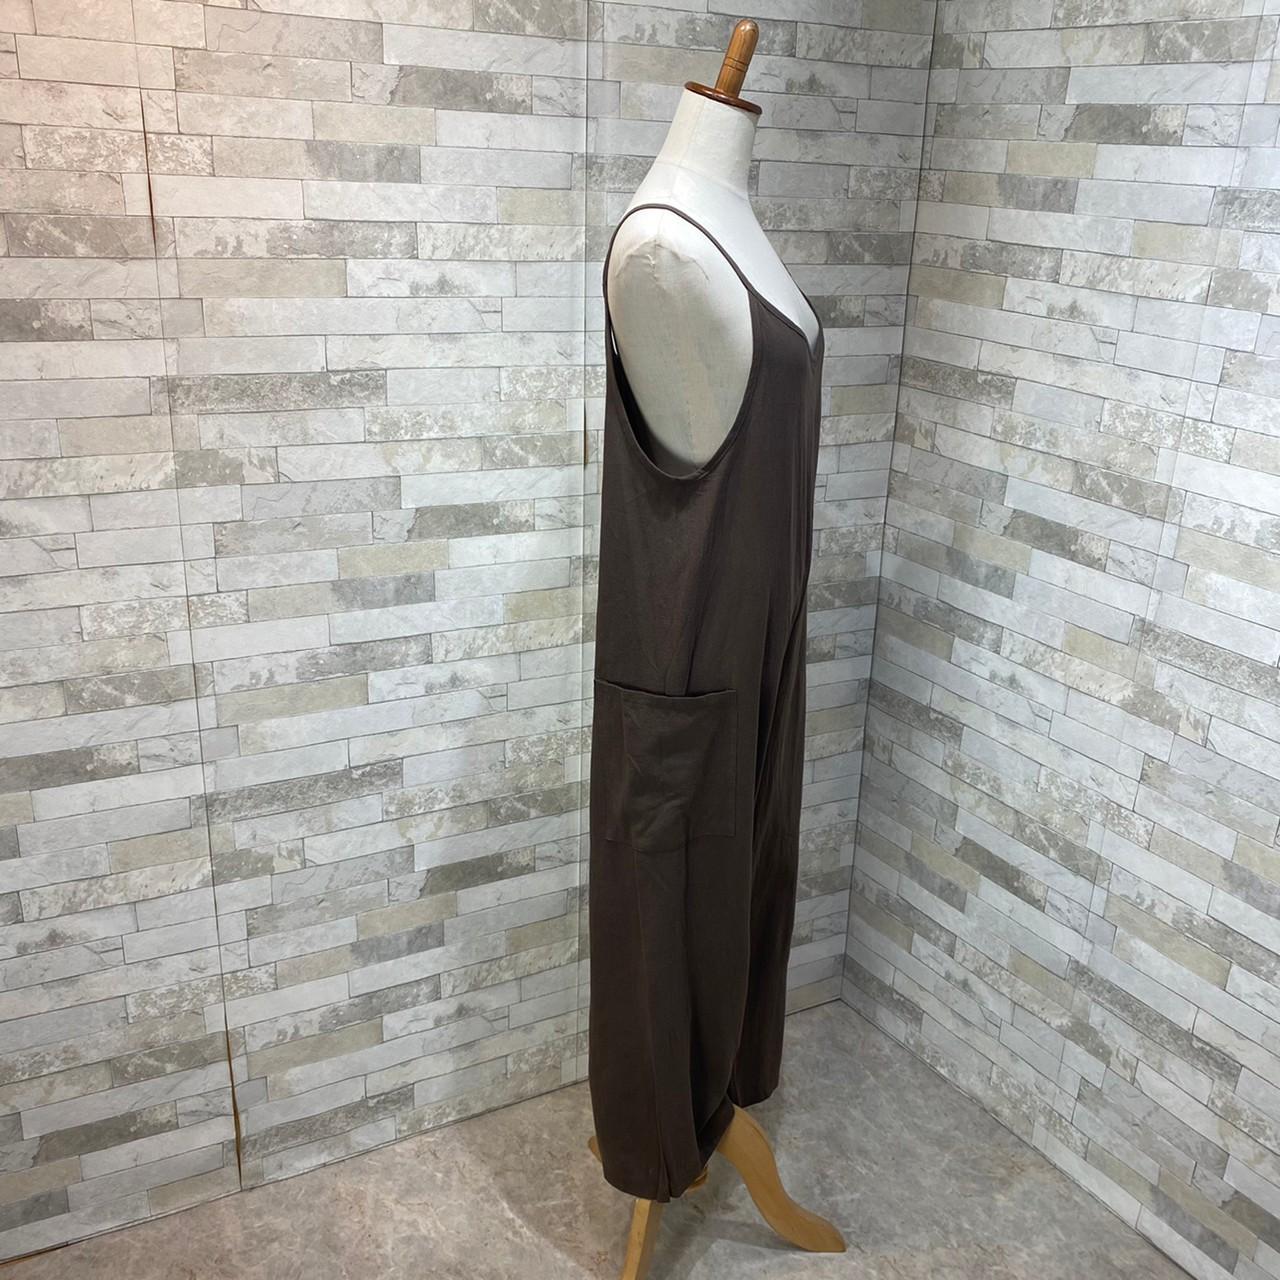 韓国 ファッション オールインワン オーバーオール 春 夏 秋 カジュアル PTXI712  コットンリネン風 ゆったり ラフ シンプル オルチャン シンプル 定番 セレカジの写真18枚目